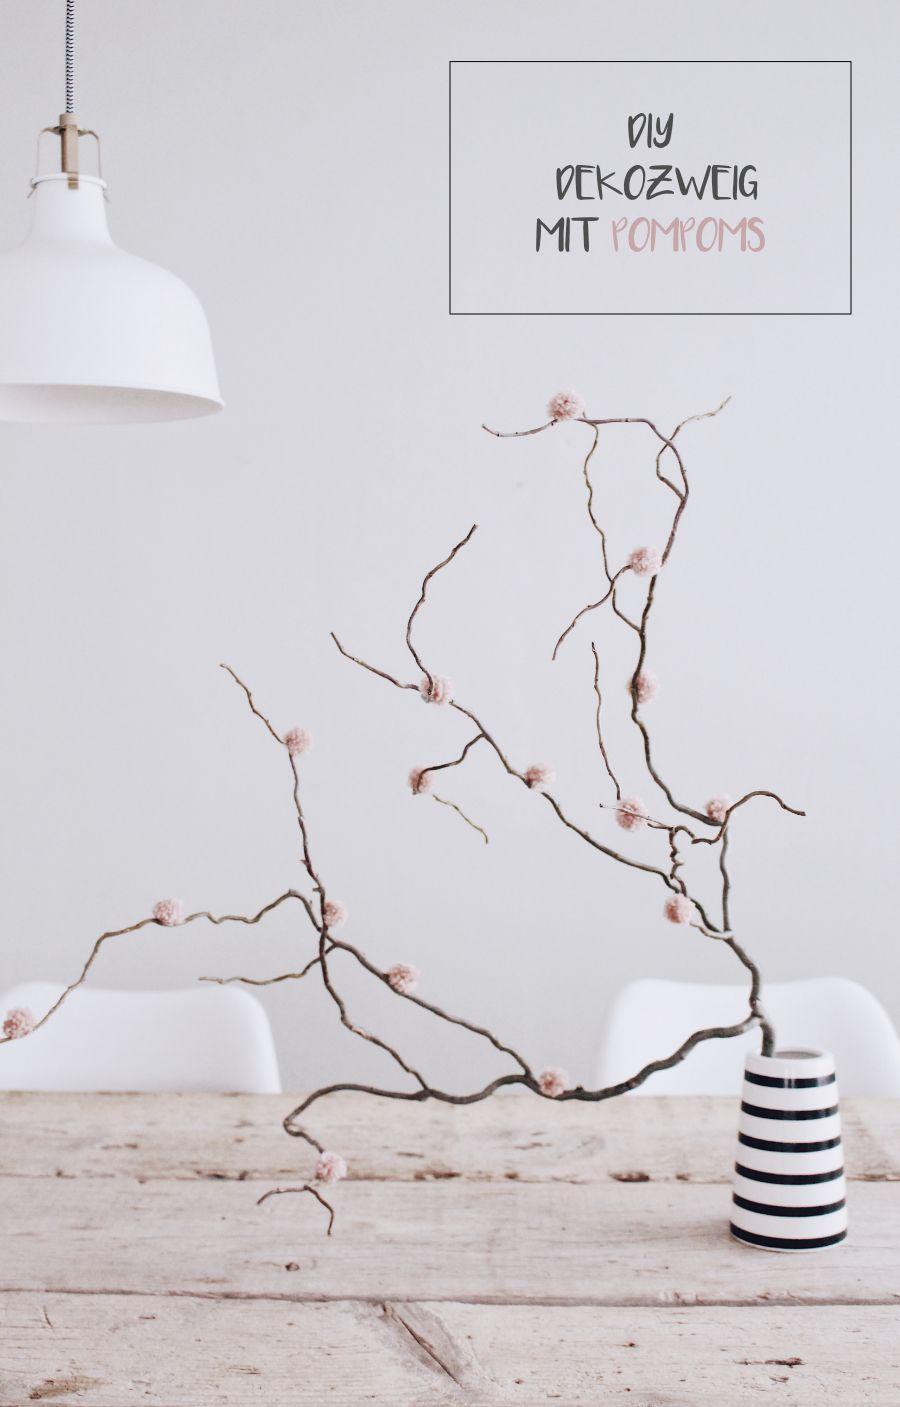 diy deko mit pompoms ganz einfach kreativ und preiswert pompoms kreativ basteln und bommel. Black Bedroom Furniture Sets. Home Design Ideas